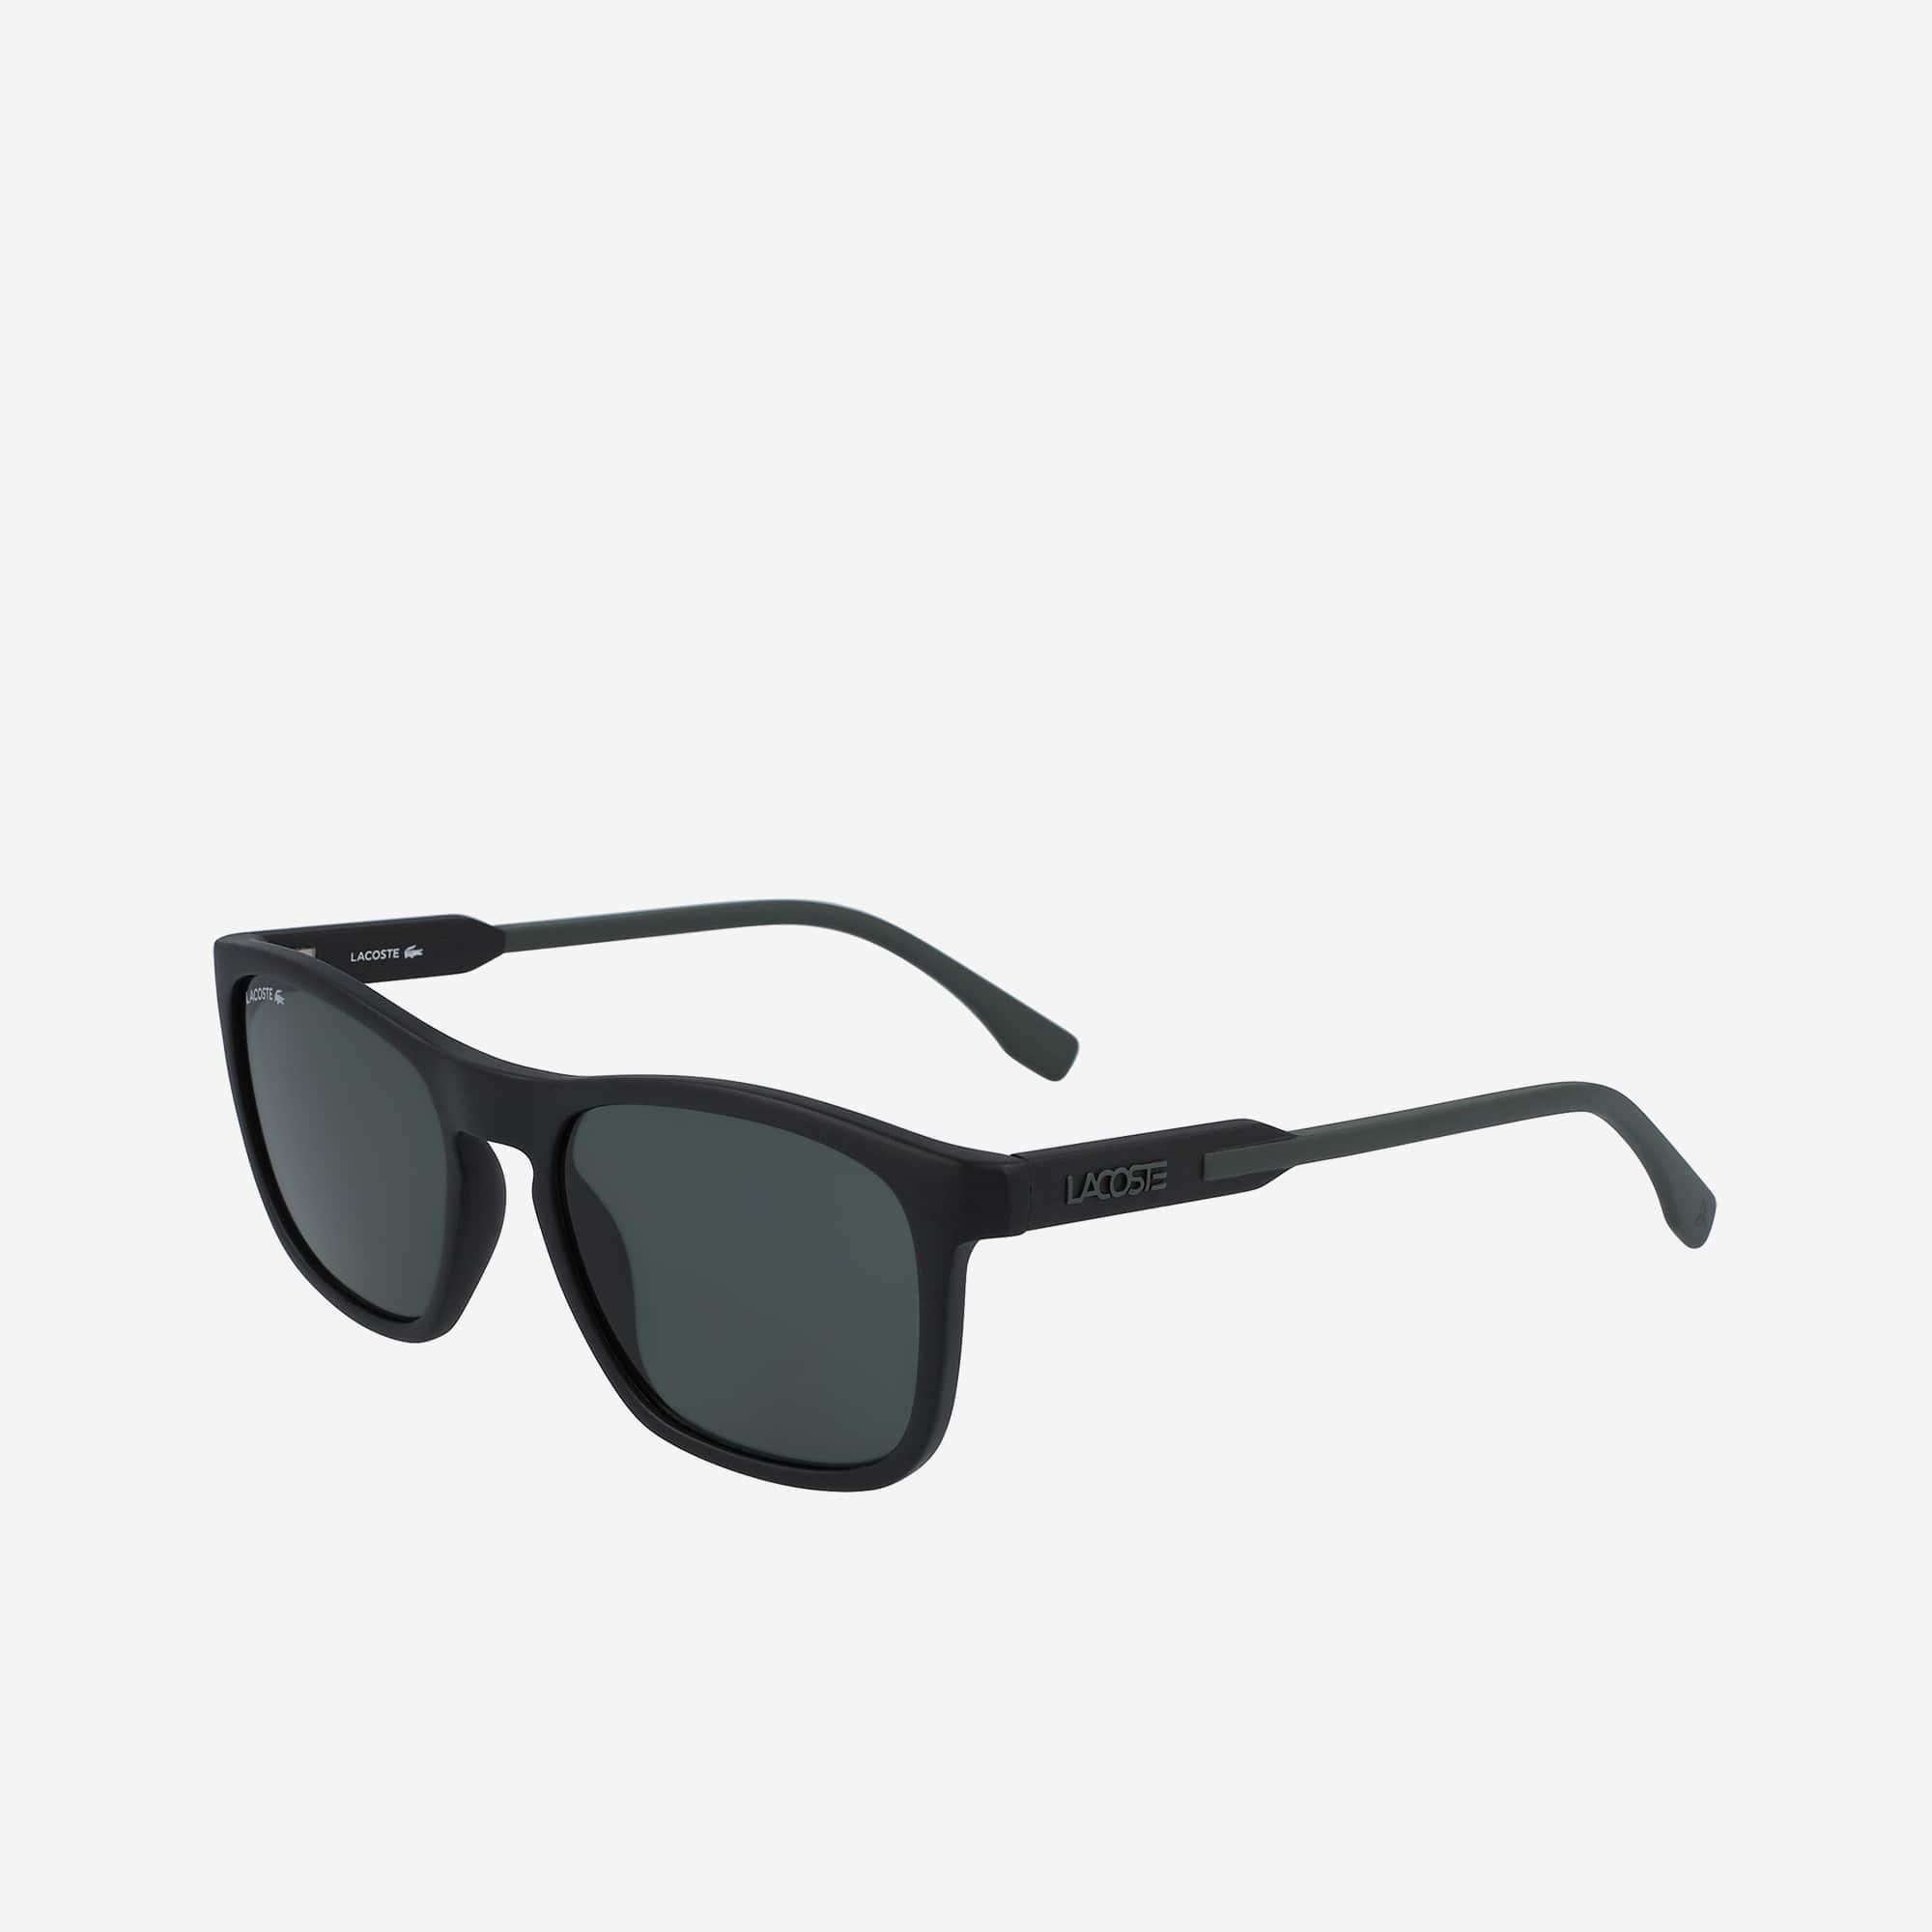 a3ec924cd44 Men s Sunglasses